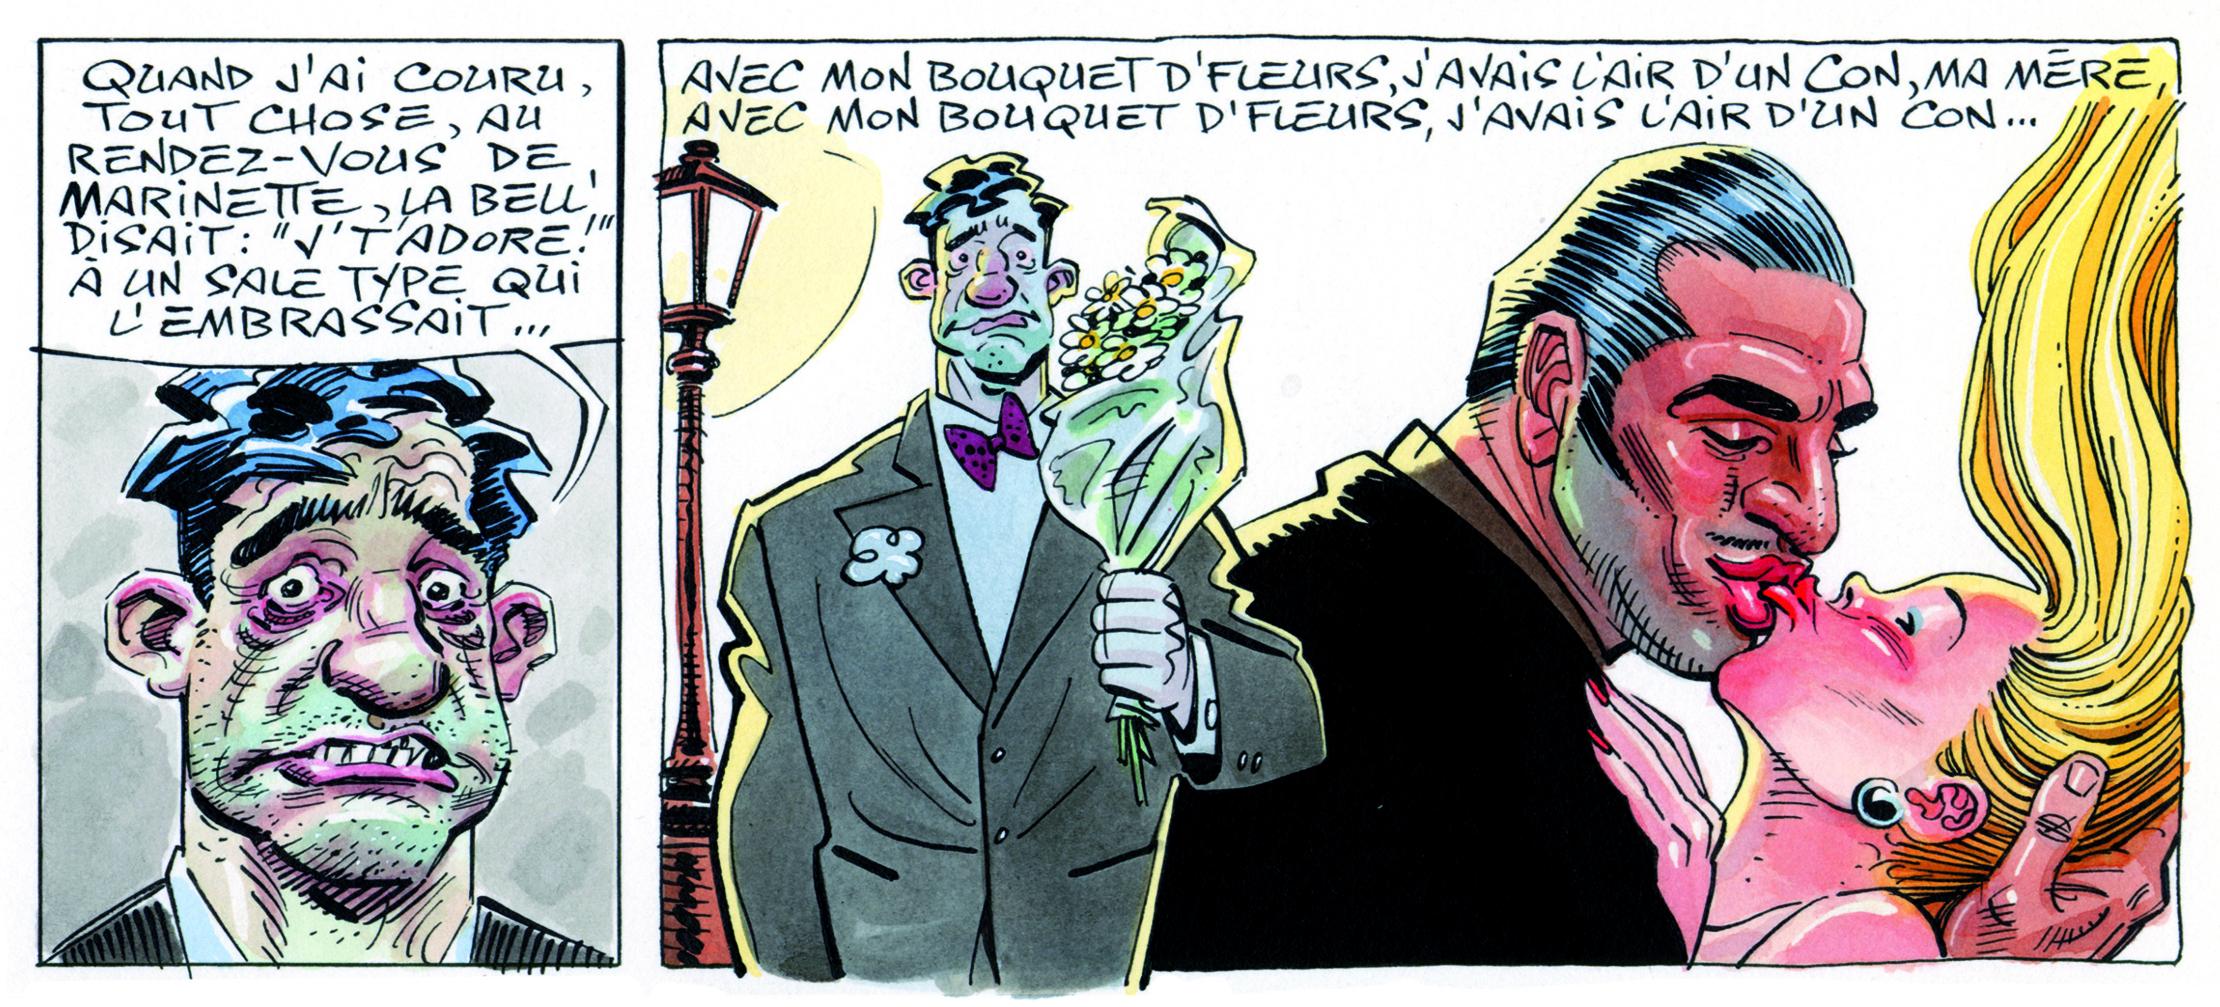 Strip du dessinateur Jean Solé, grand fan de Brassens